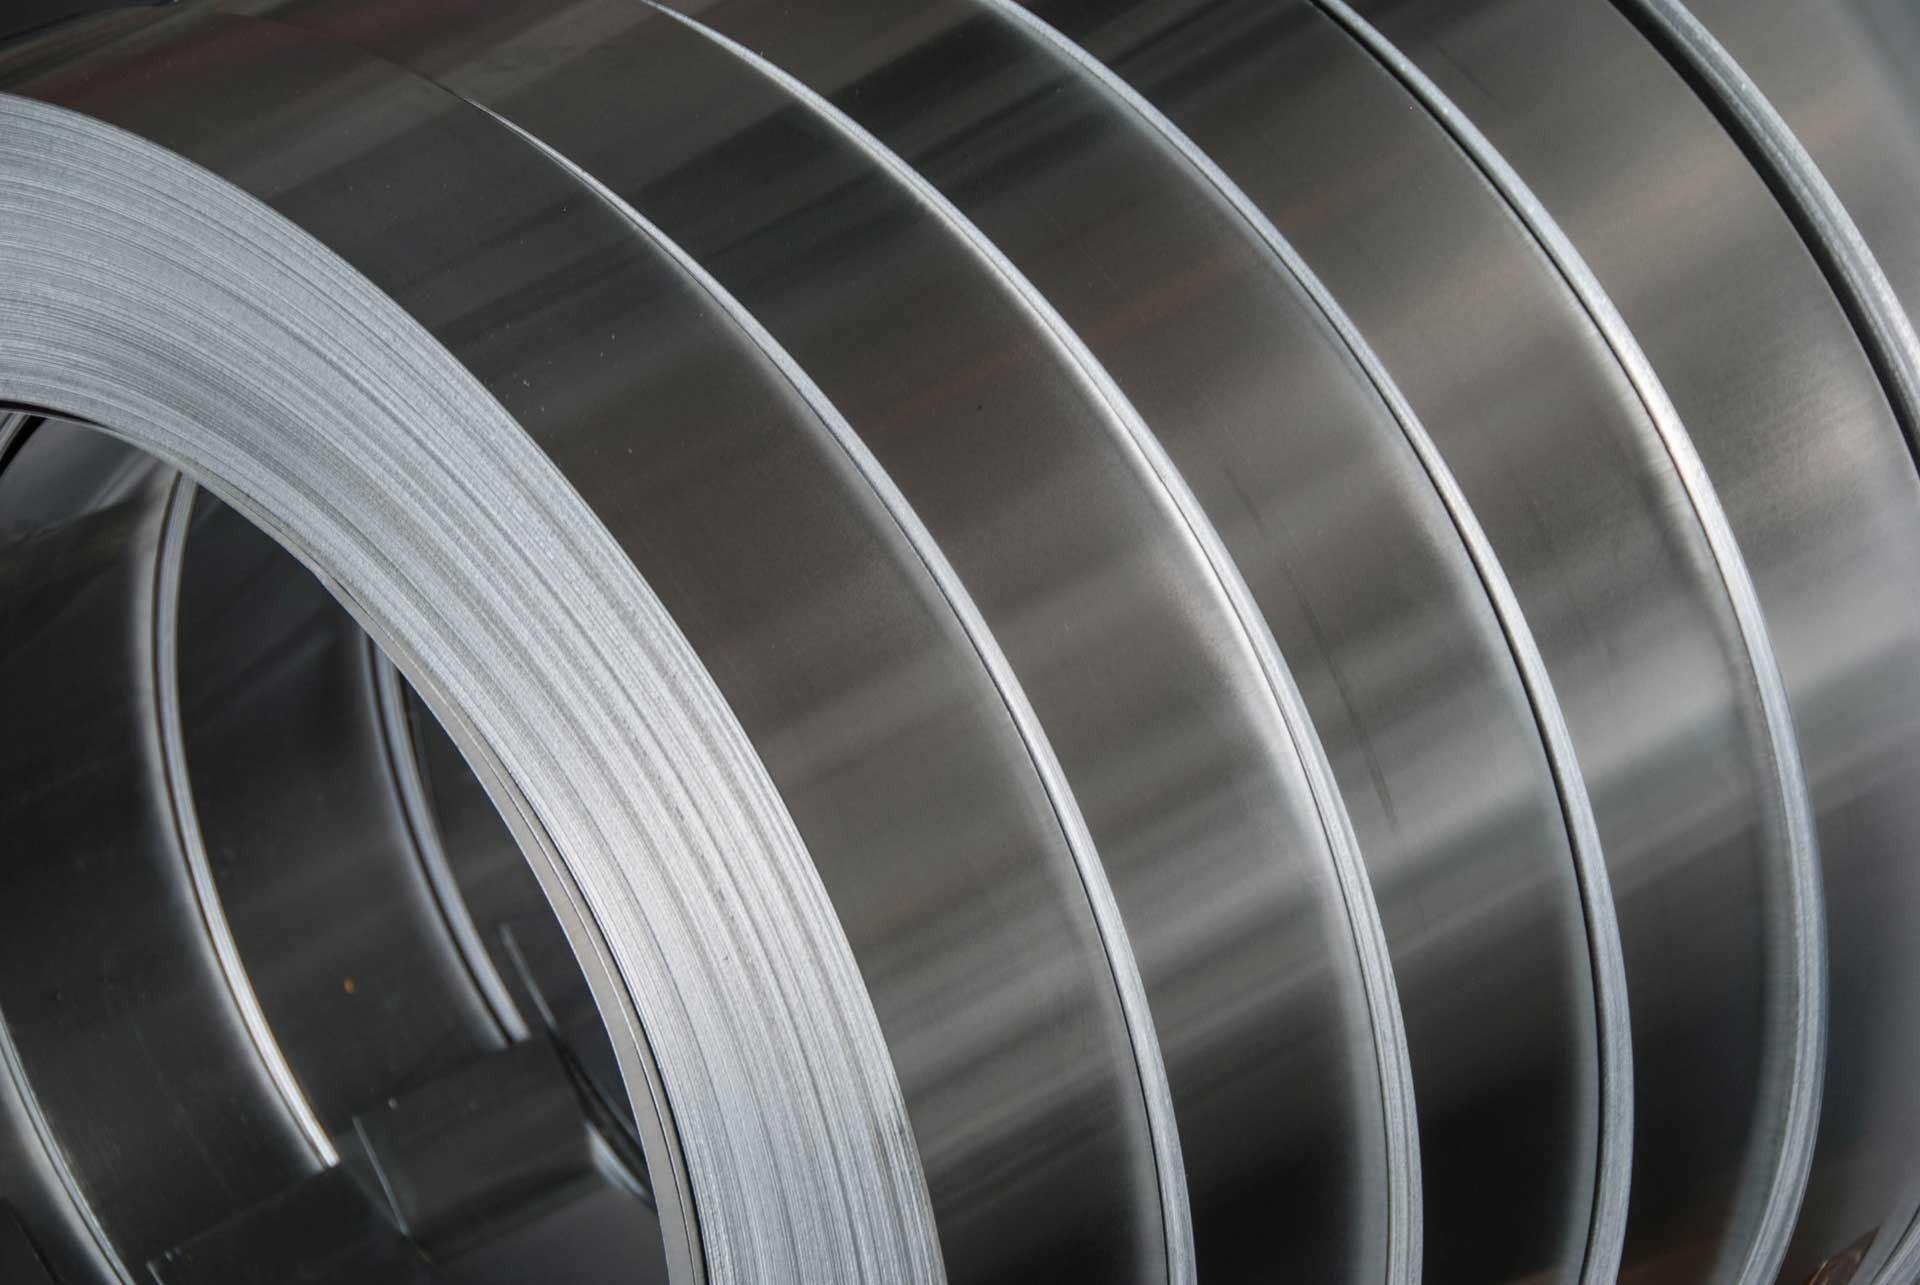 Preoblikovanje aluminija